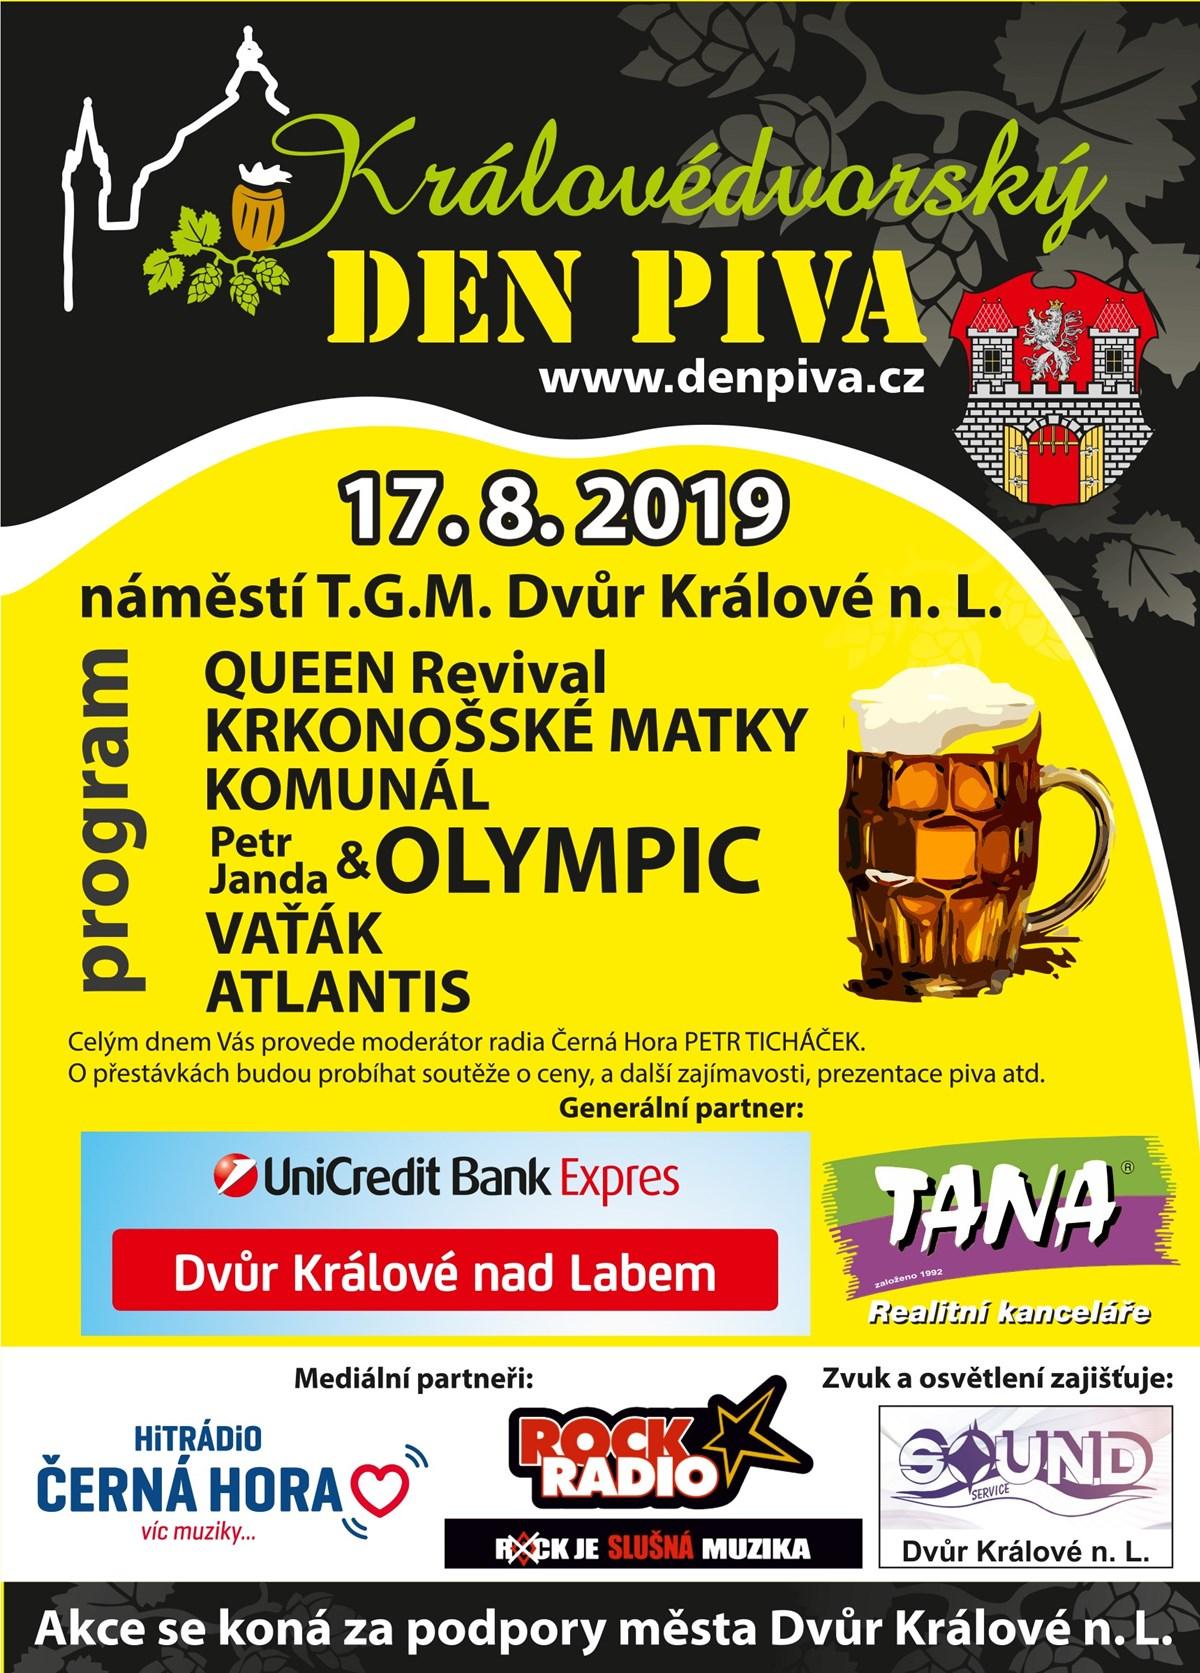 pivovari-pivovary-pivni-akce-kralevodvorsky-den-piva-2019